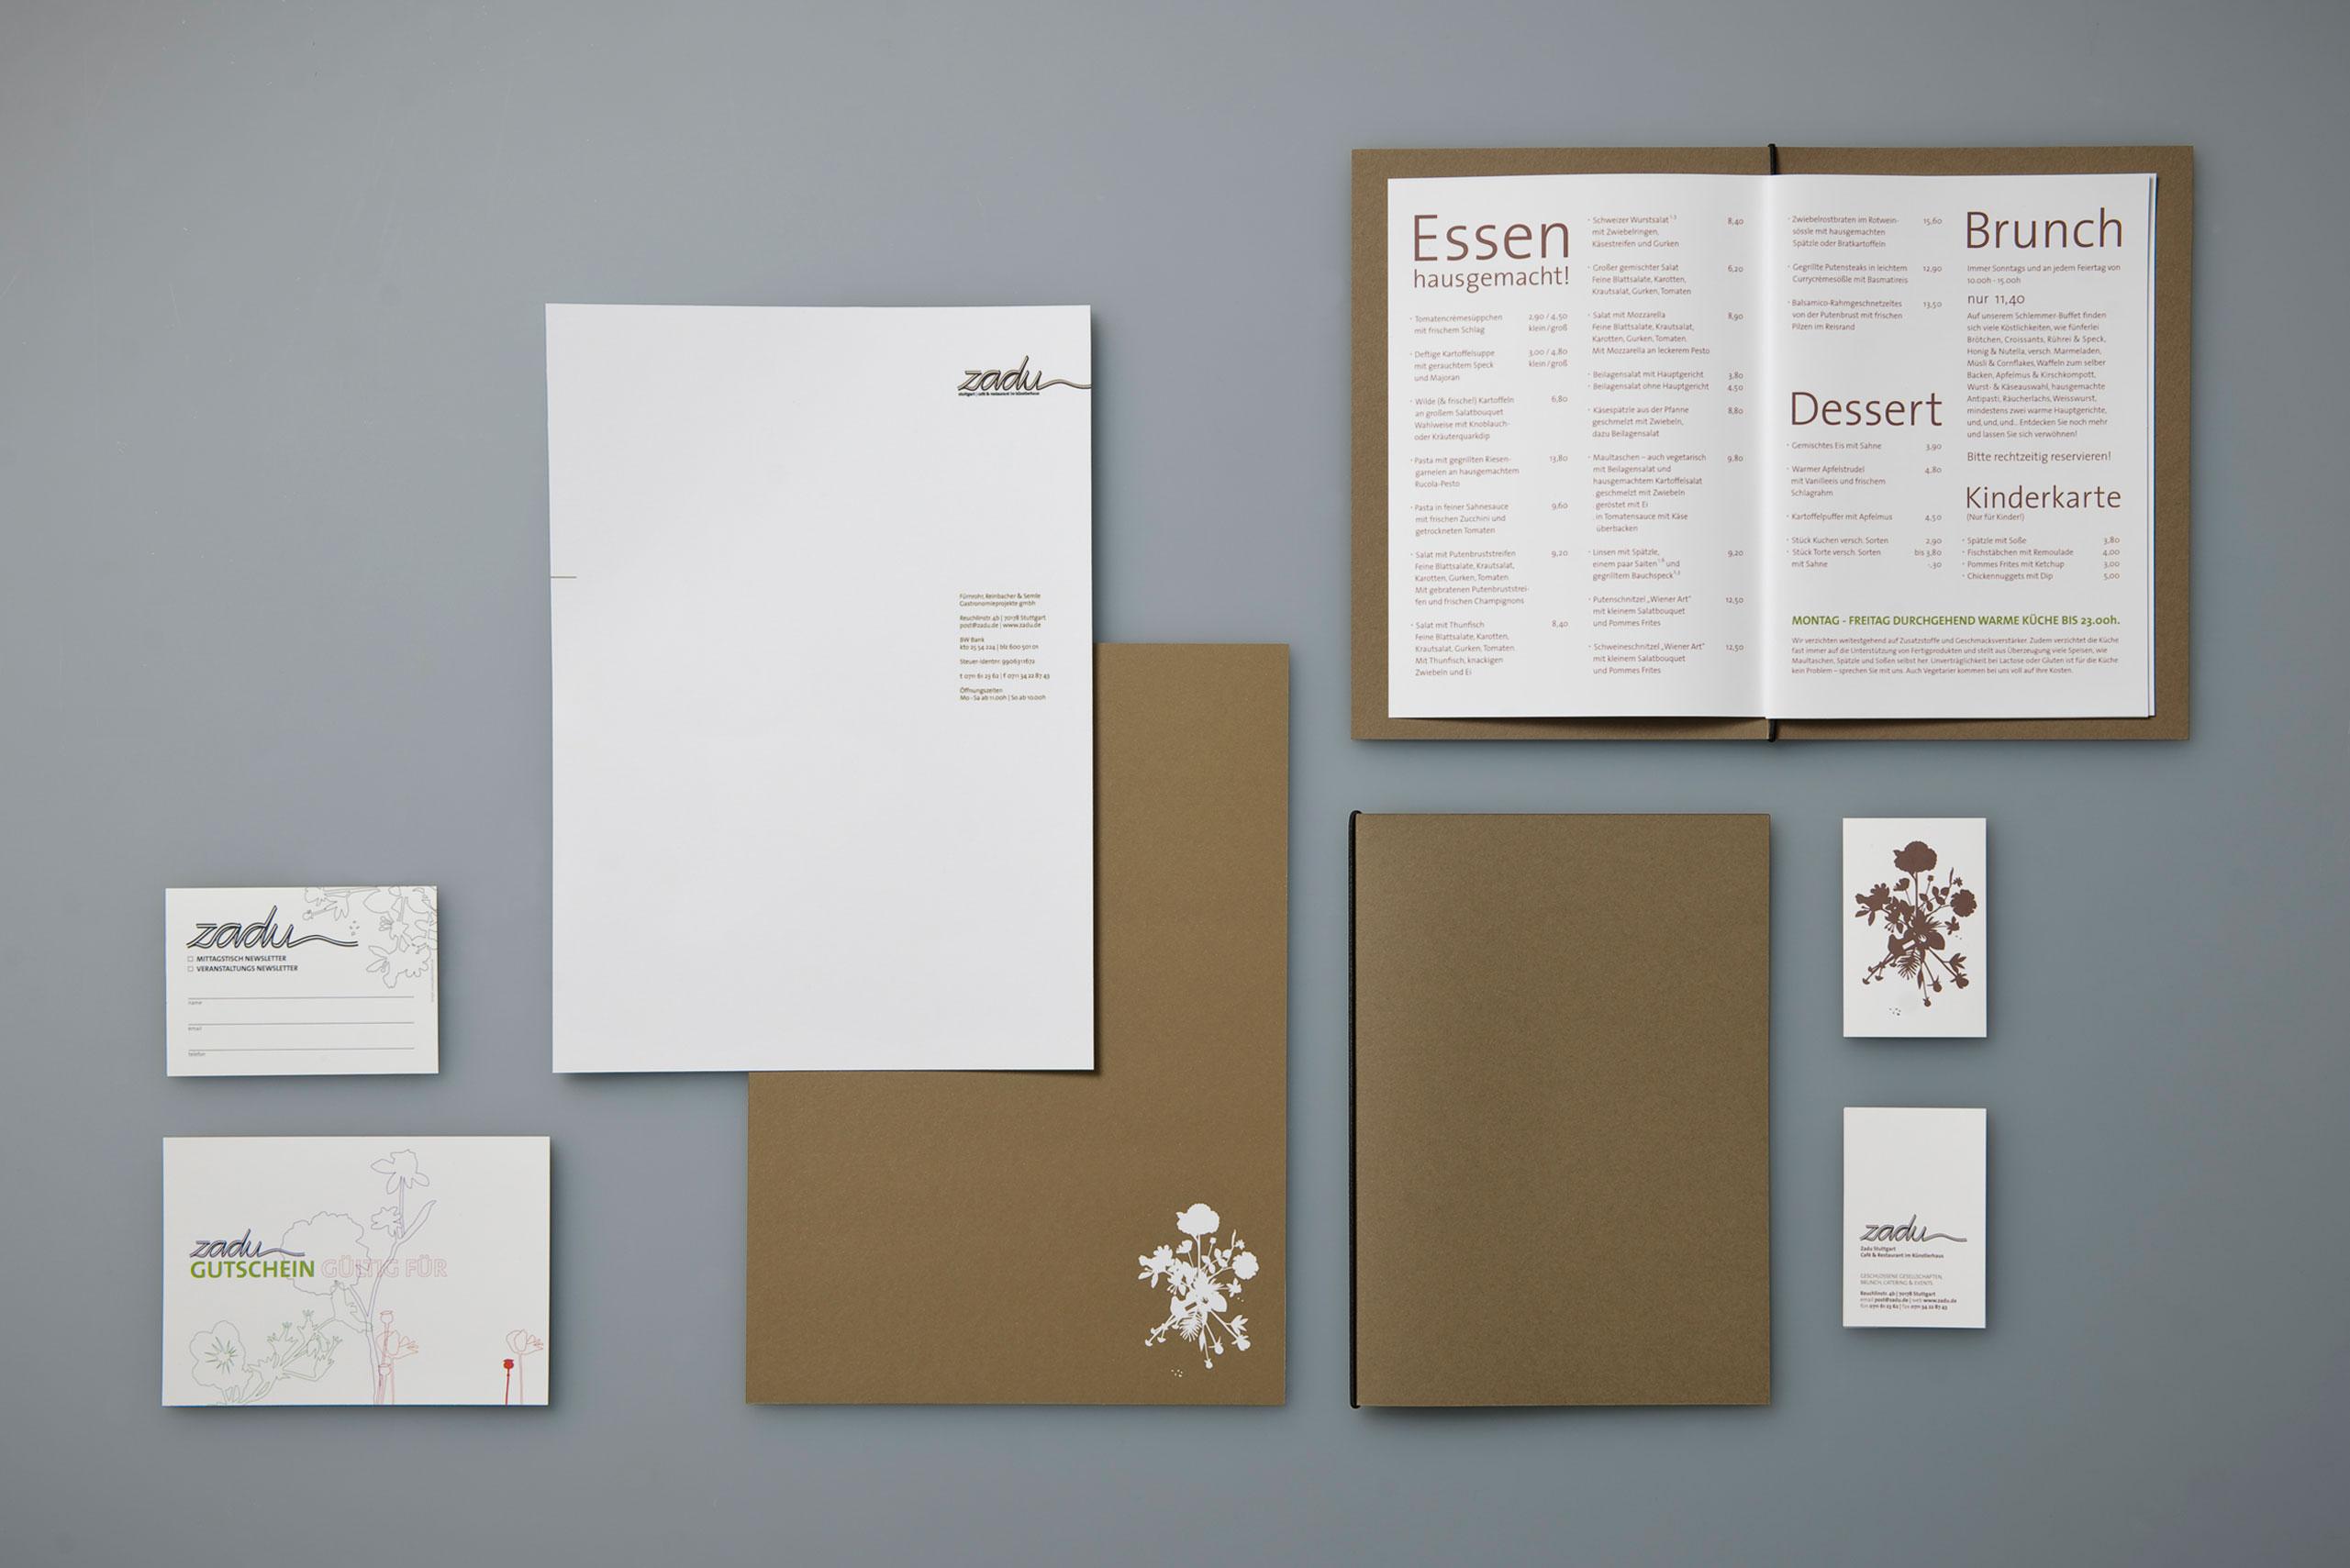 Geschäftsausstattung, Briefbogen, Visitenkarte, Speisekarte, Restaurant, Stuttgart, Corporate Design